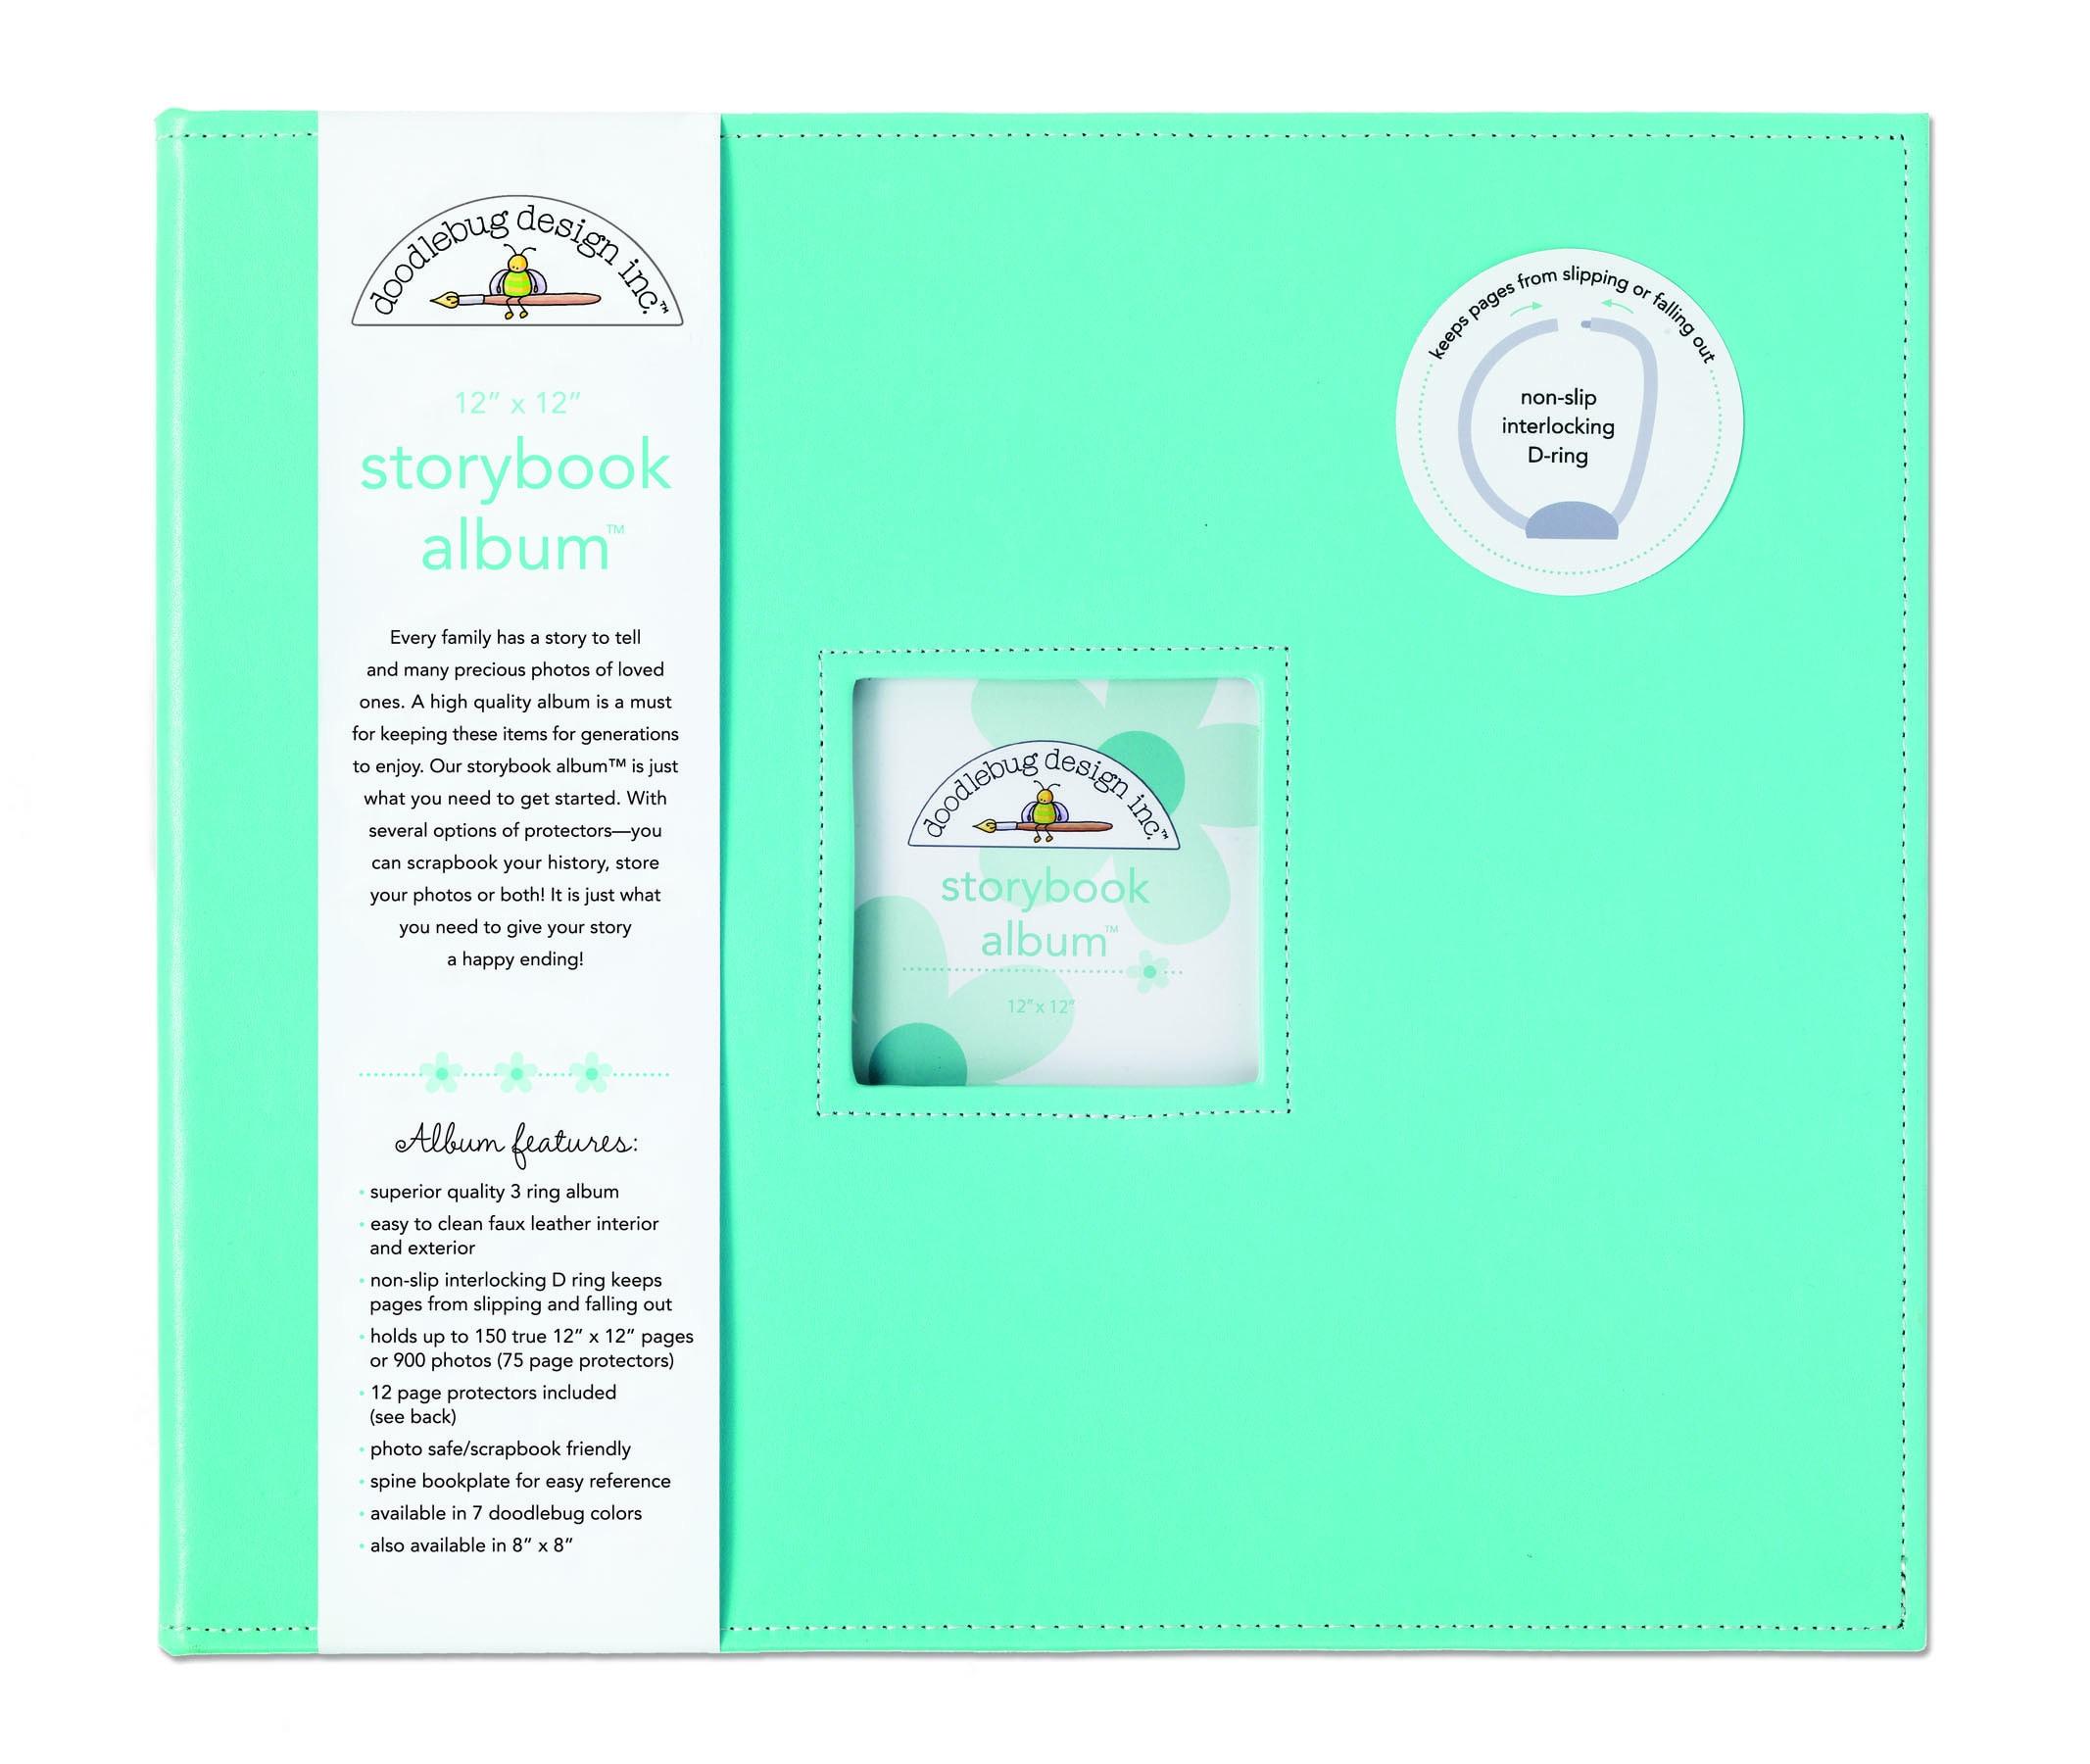 Doodlebug Bubblegum Fabric Storybook Album 12 x 12 dd9aa71b 67e2 448d 9643 5794eedf39a0